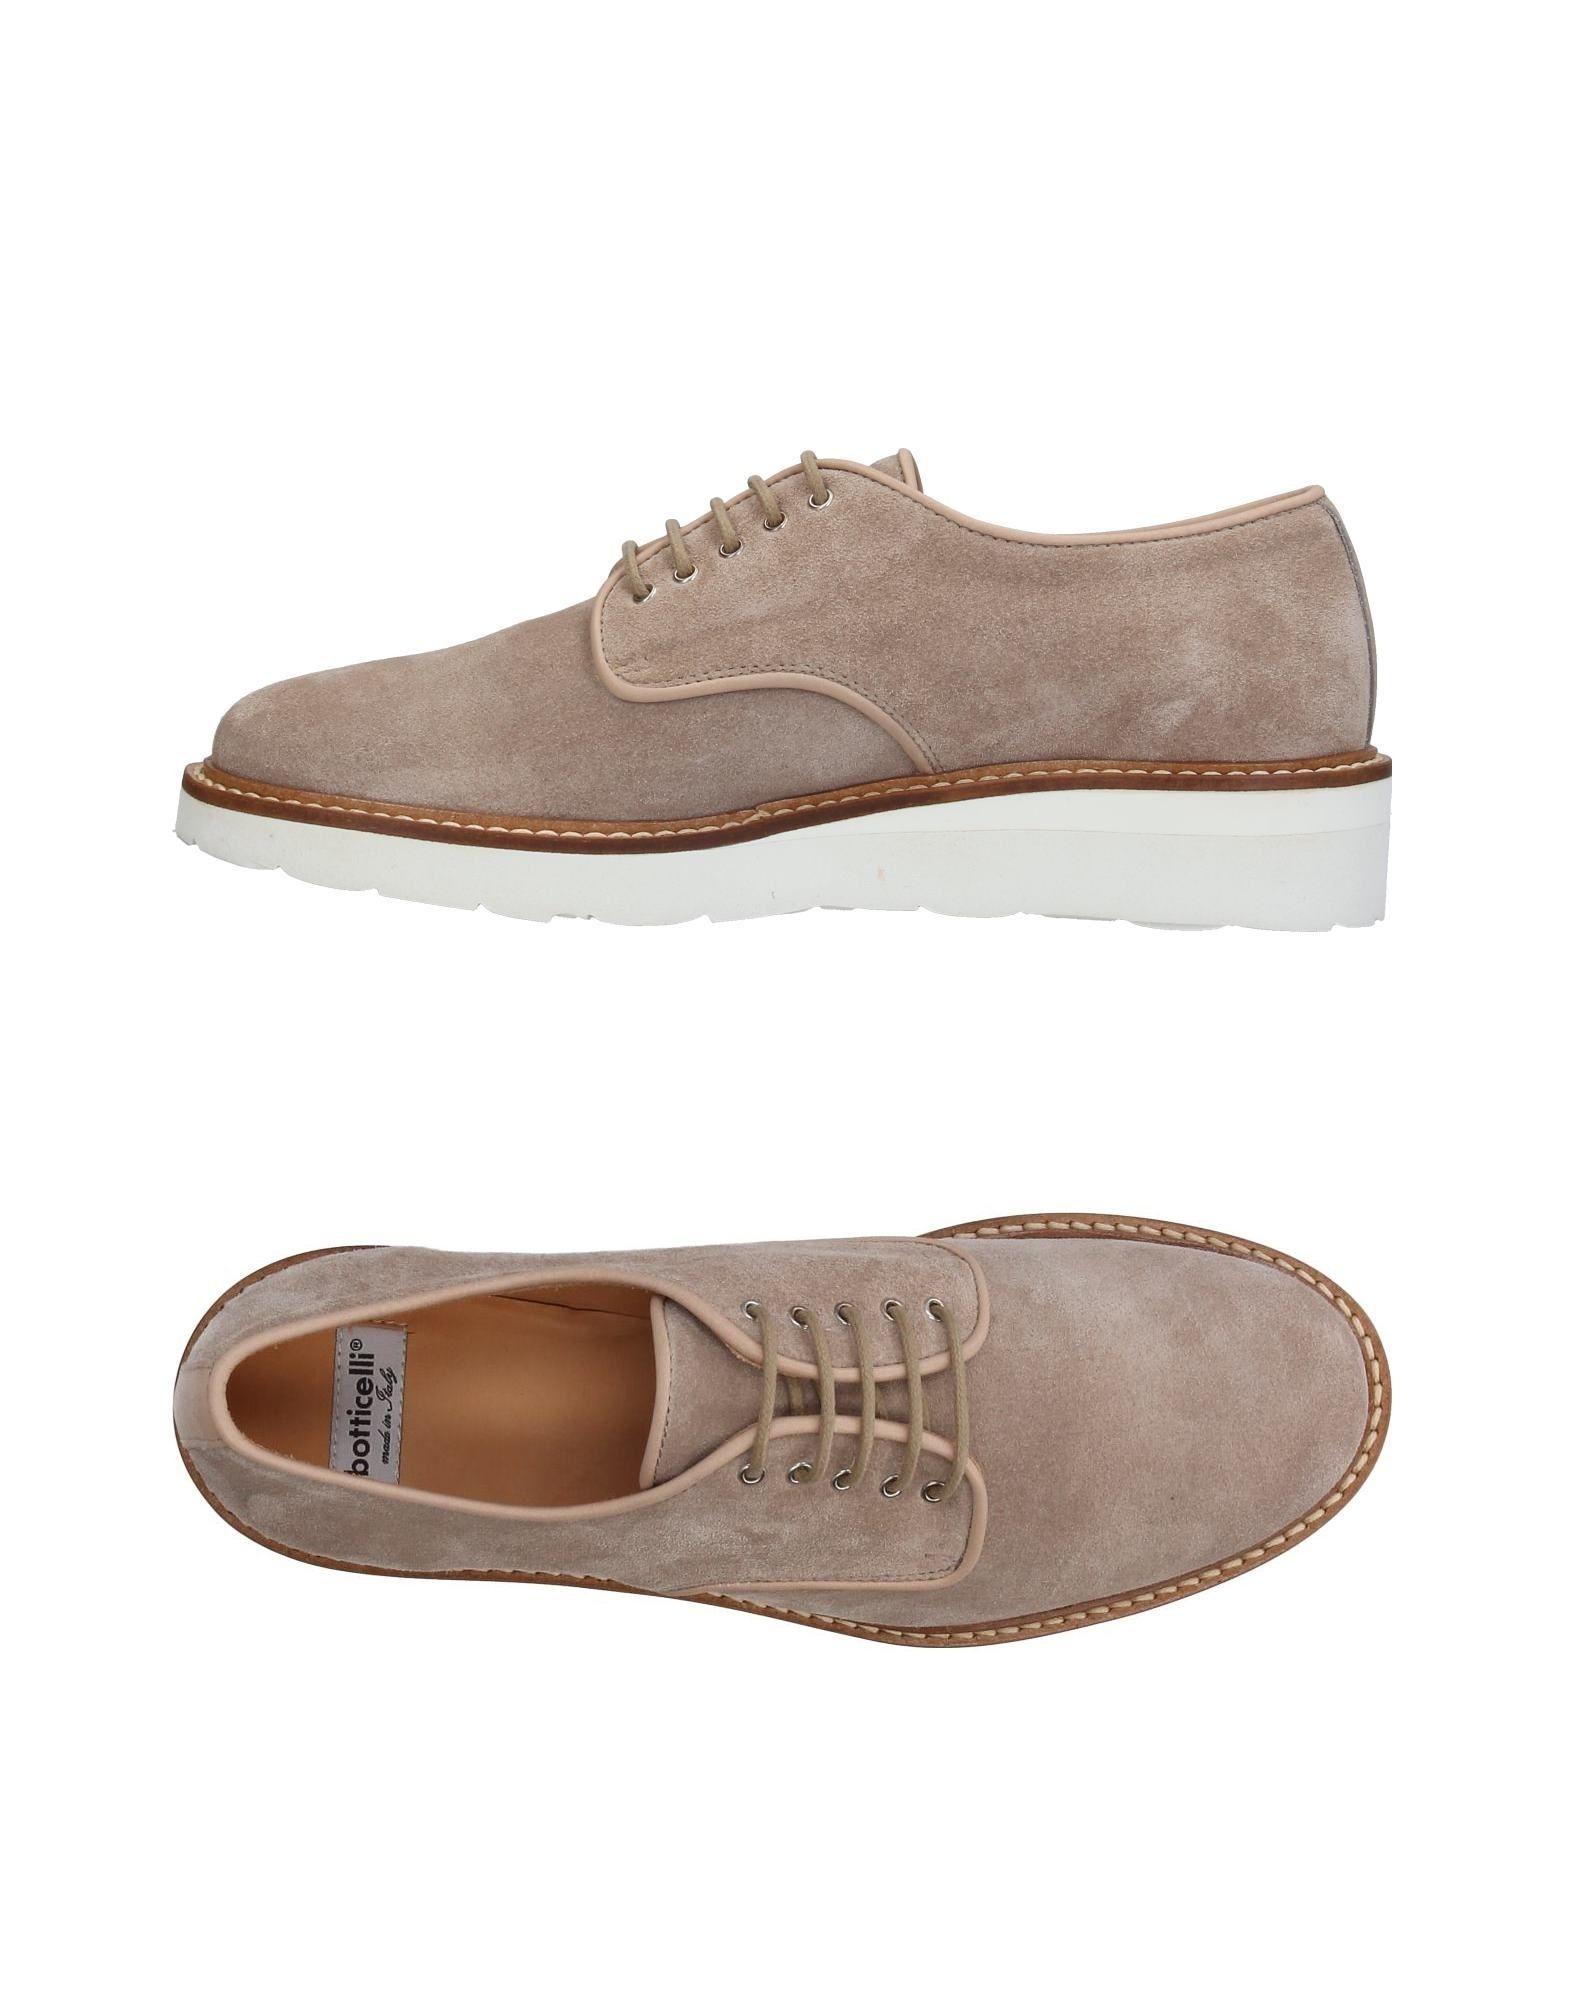 Roberto Botticelli Schnürschuhe Damen  11406074AD Gute Qualität beliebte Schuhe